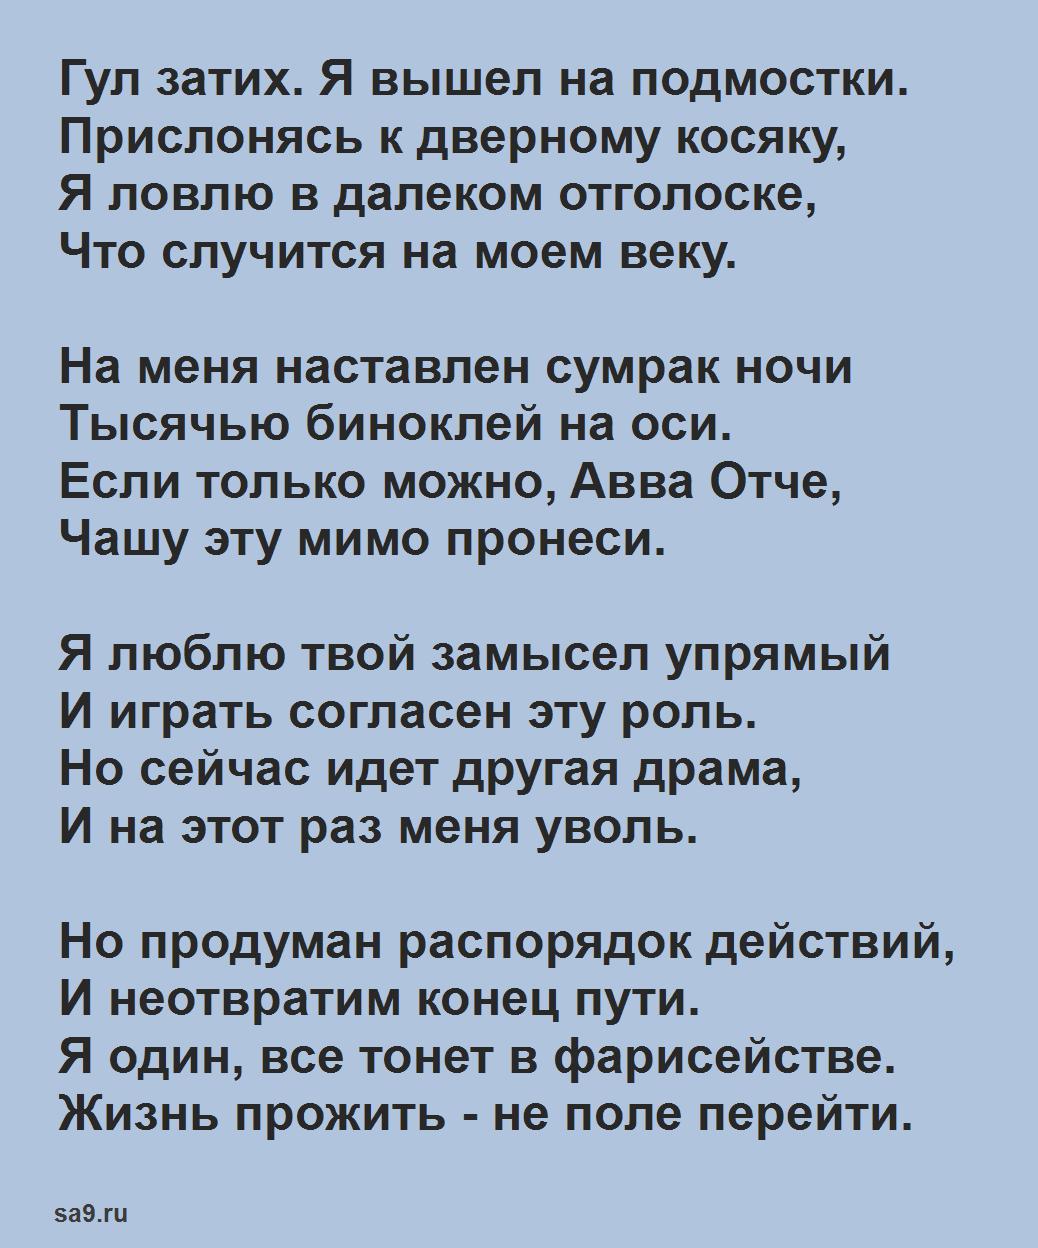 Пастернак - Гамлет, стих 16 строк